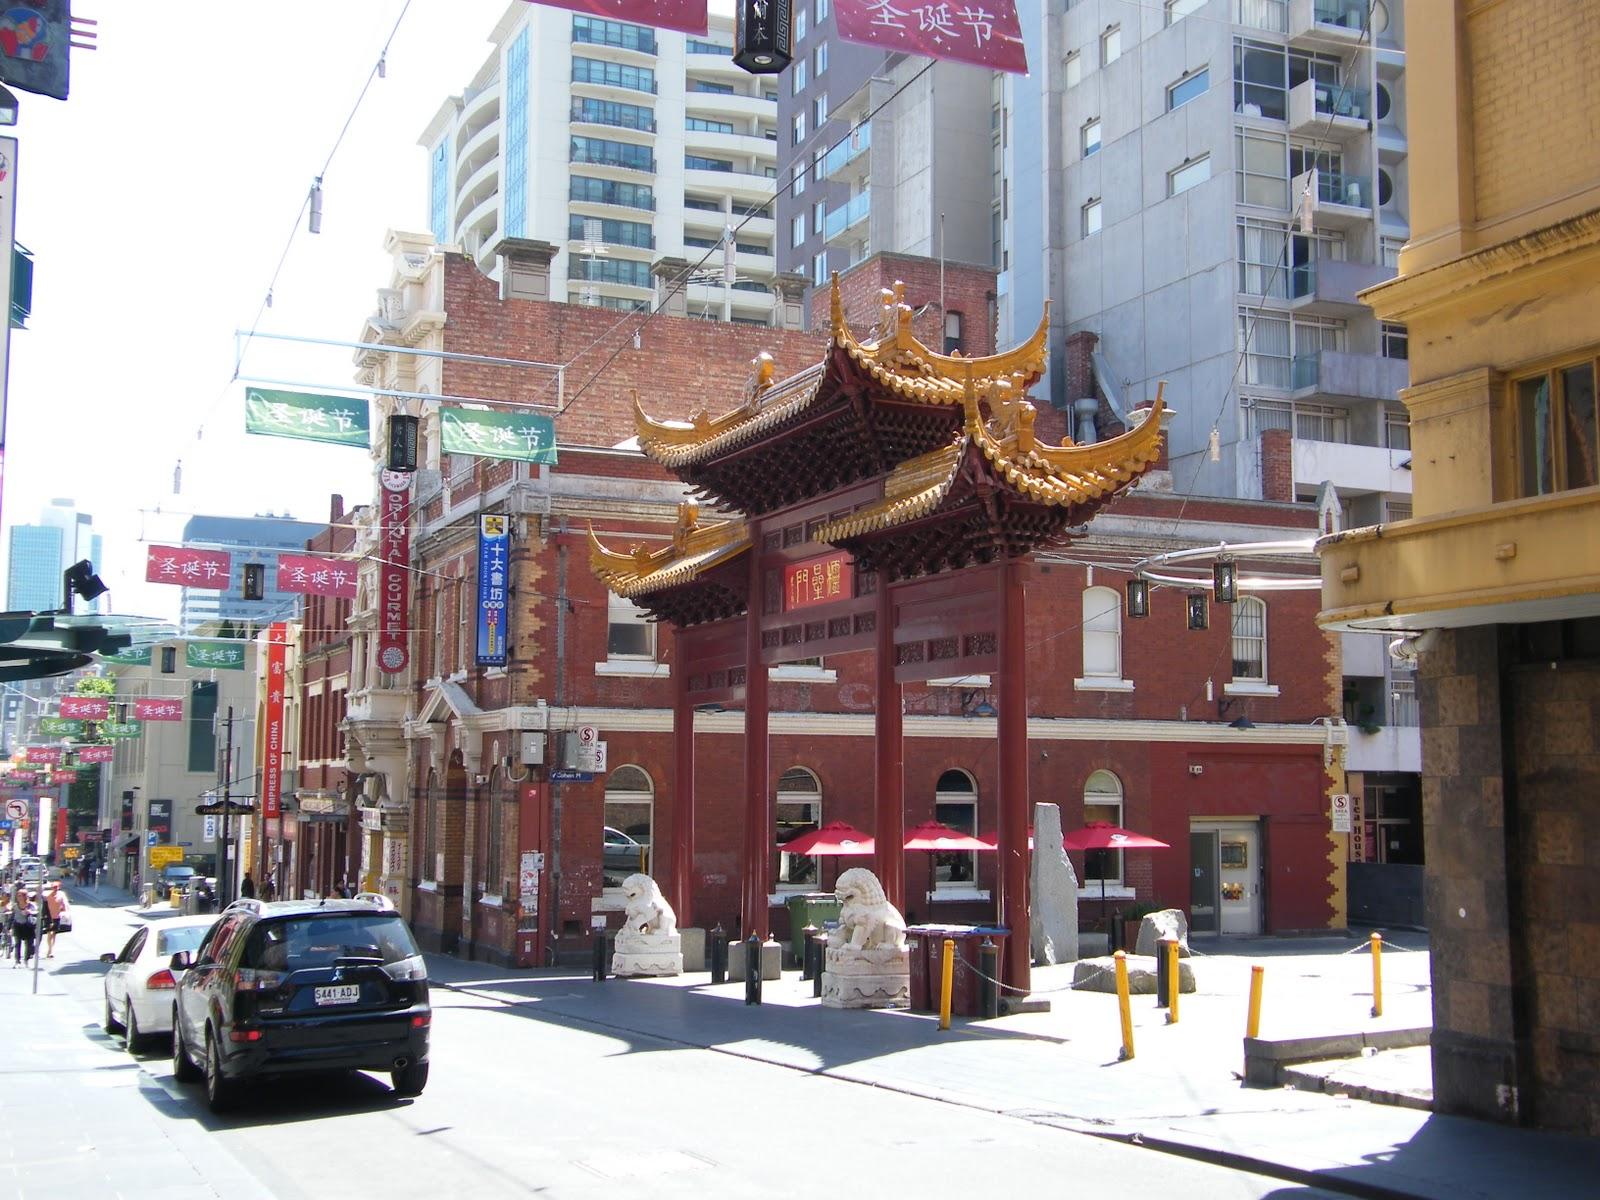 melbourne in images melbourne 39 s chinatown. Black Bedroom Furniture Sets. Home Design Ideas